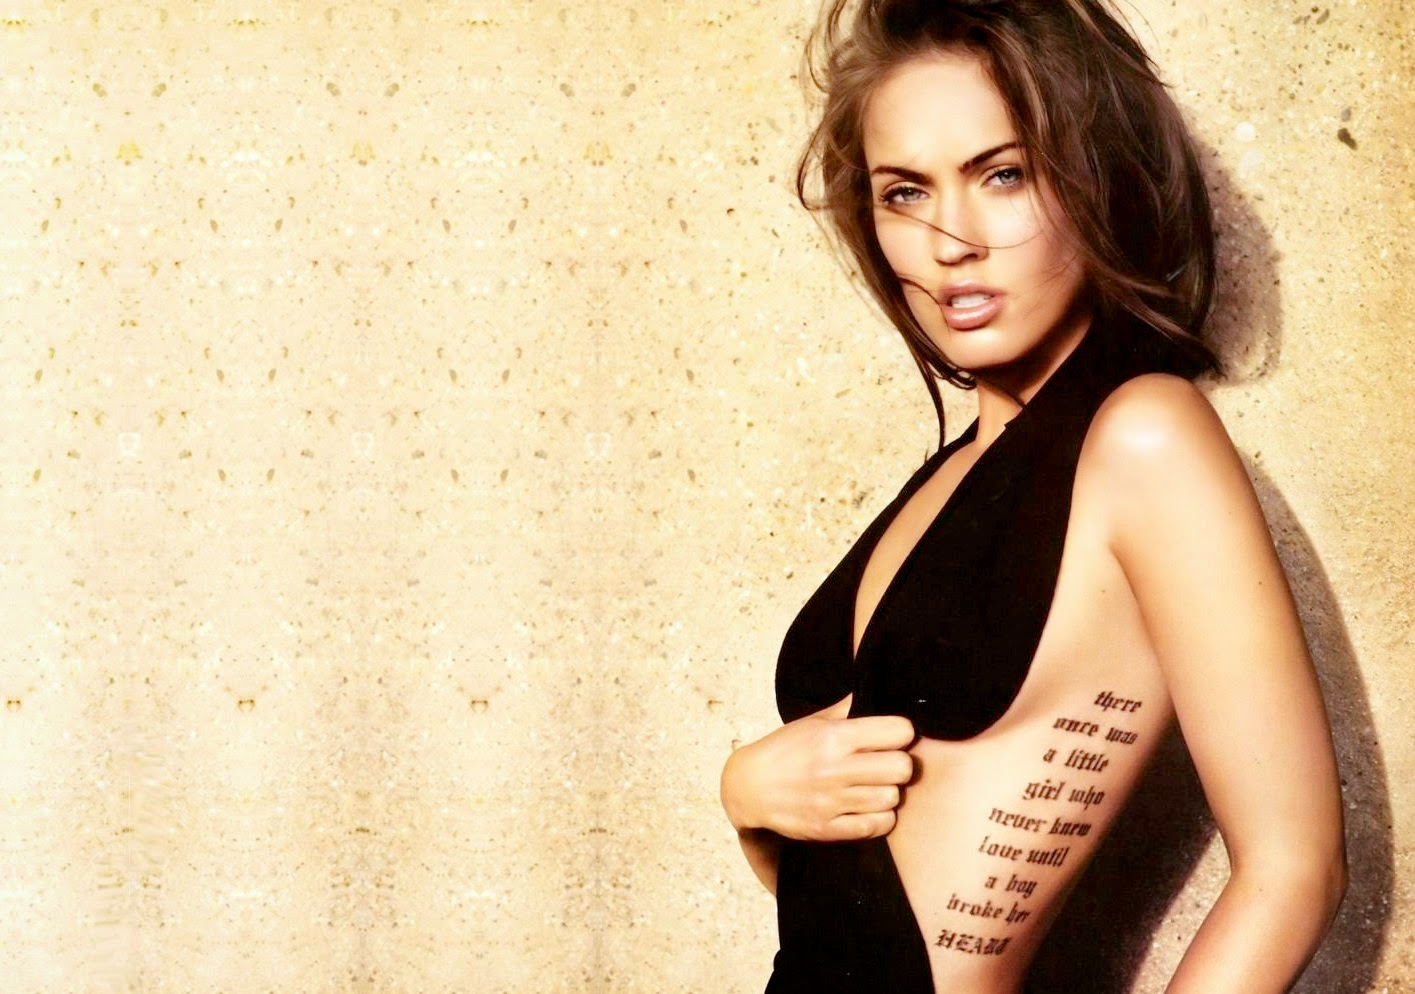 TATUAGGI CON SCRITTE IN LATINO LE FRASI PIÚ BELLE E GETTONATE  - frasi celebri in latino da tatuare